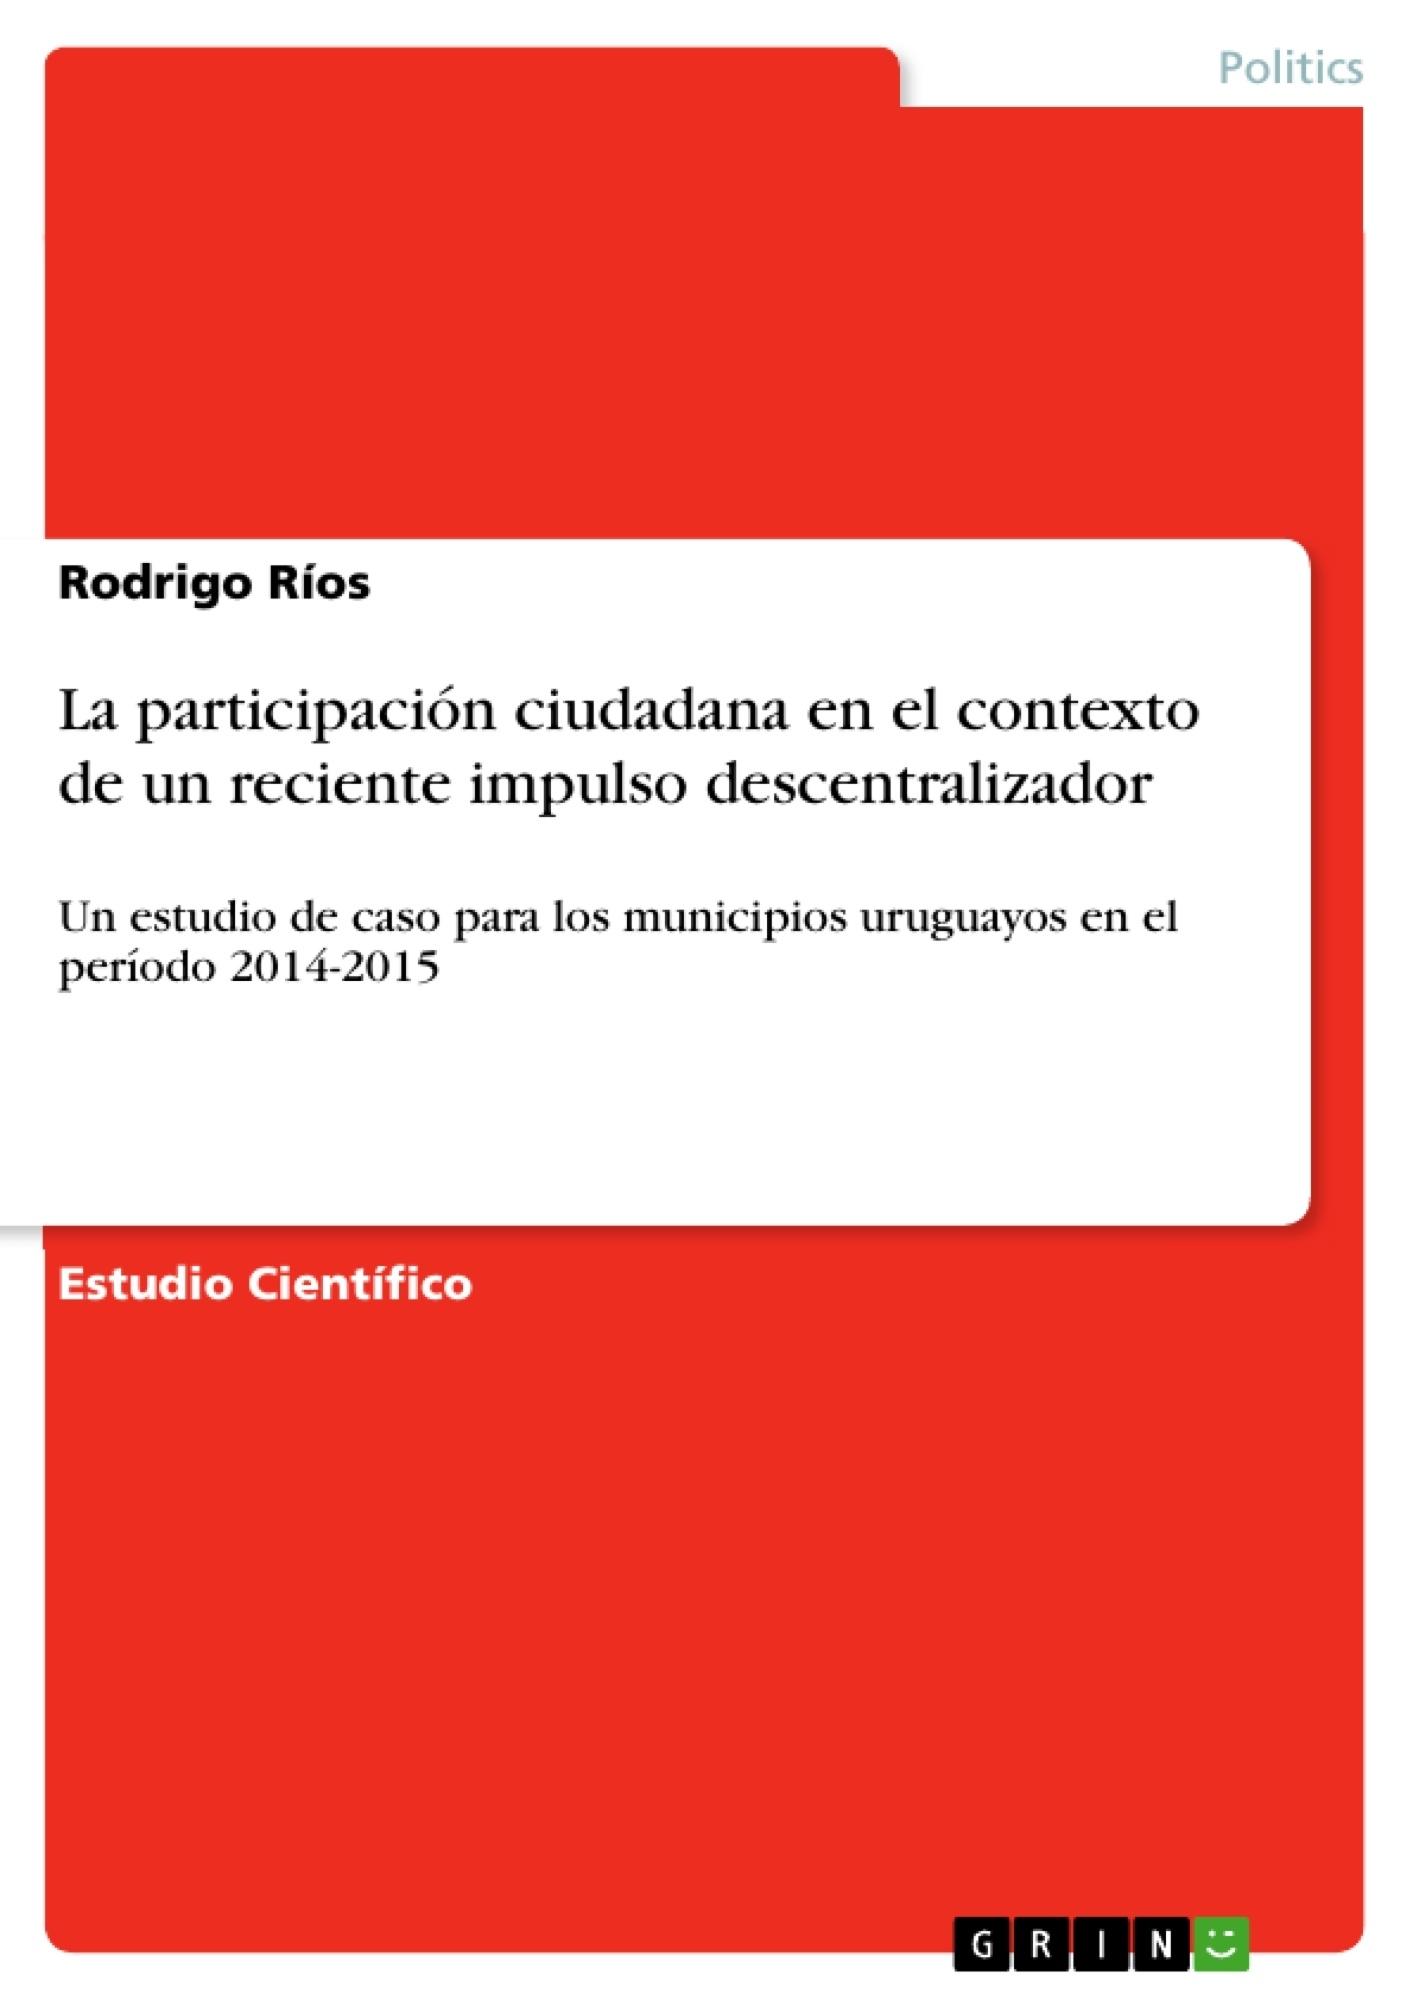 Título: La participación ciudadana en el contexto de un reciente impulso descentralizador